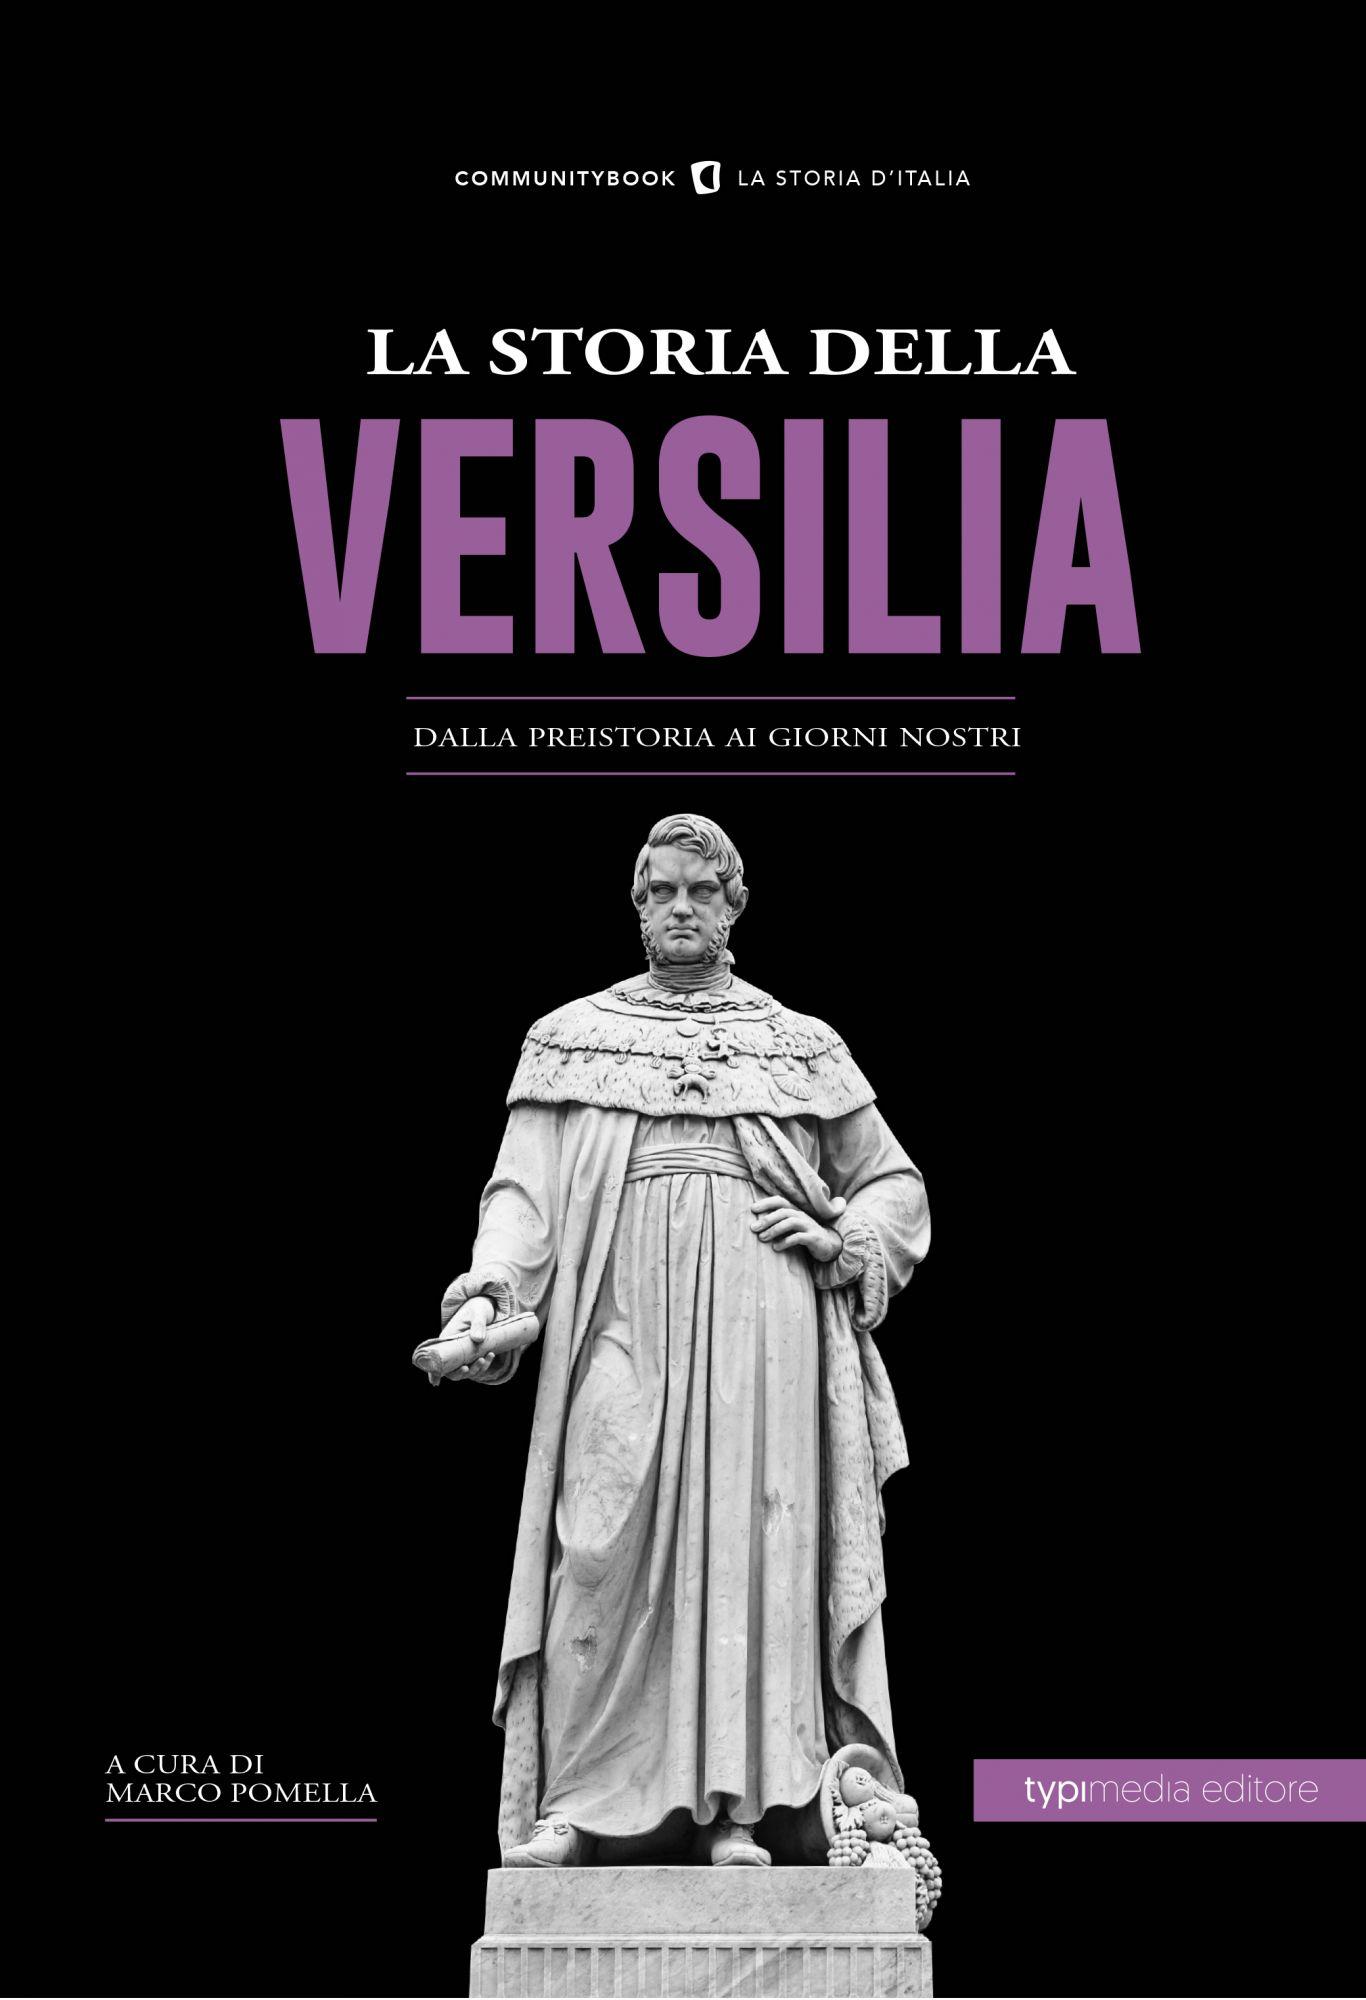 La storia della Versilia, presentazione del libro al Chiostro di S.Agostino